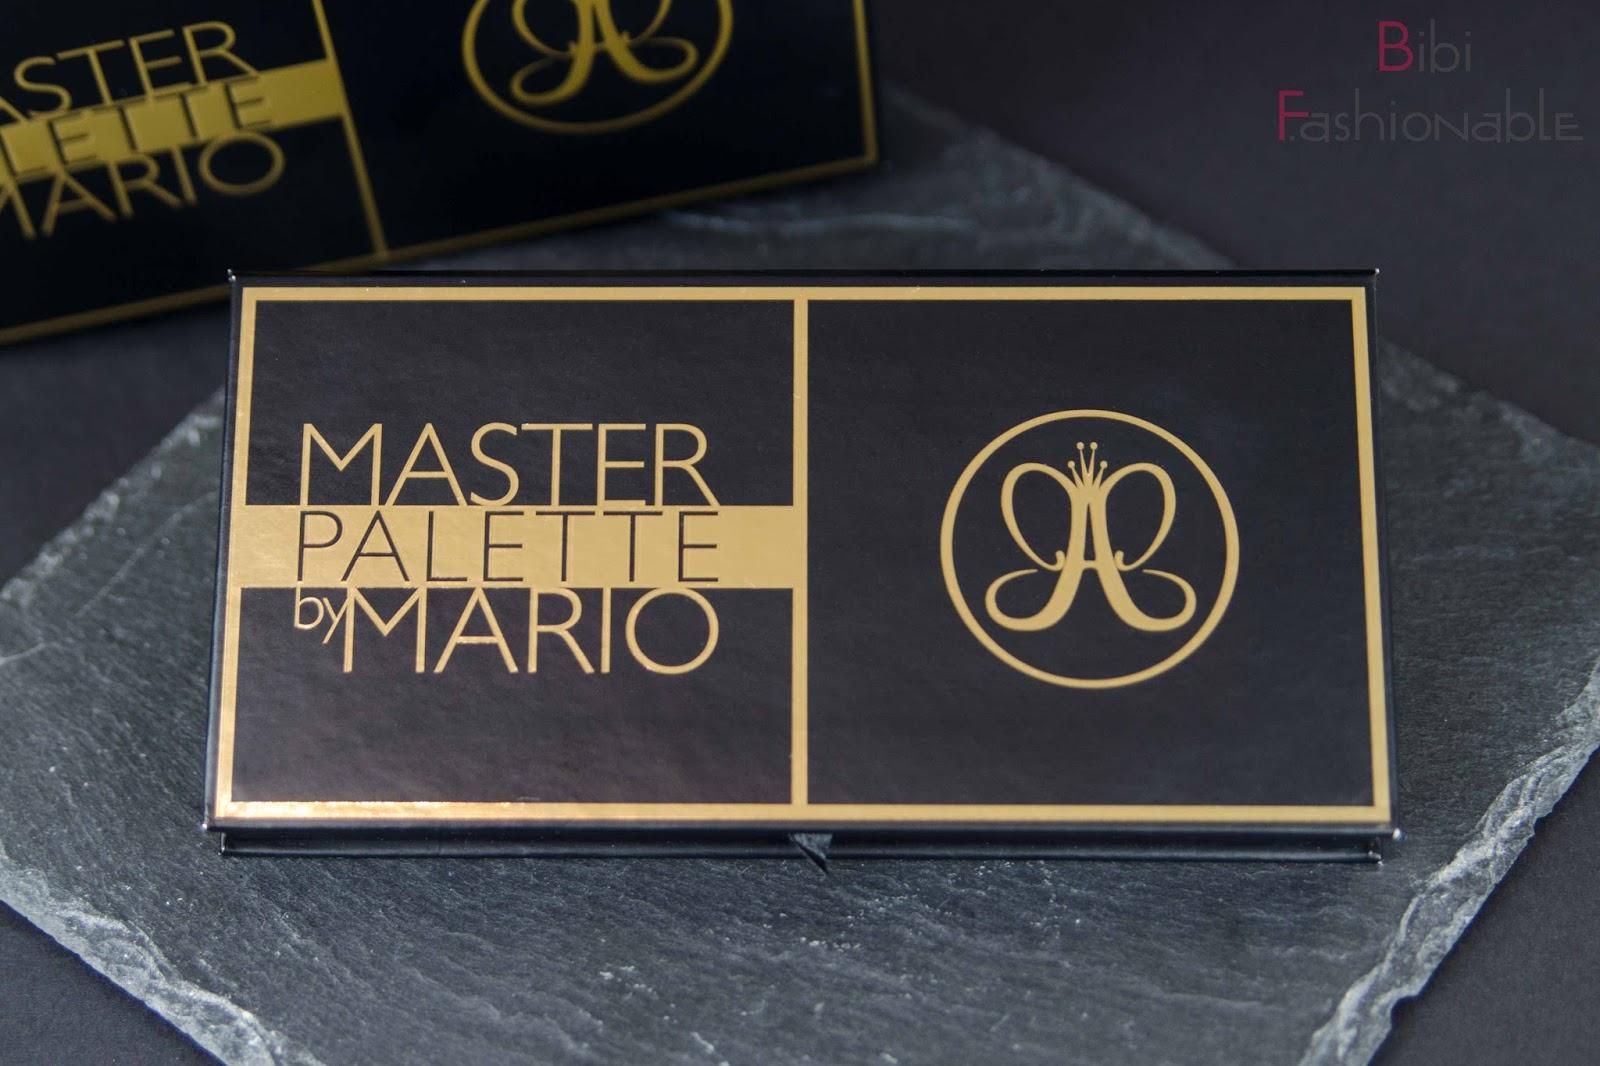 Anastasia Beverly Hills Master Palette by Mario Titelbild